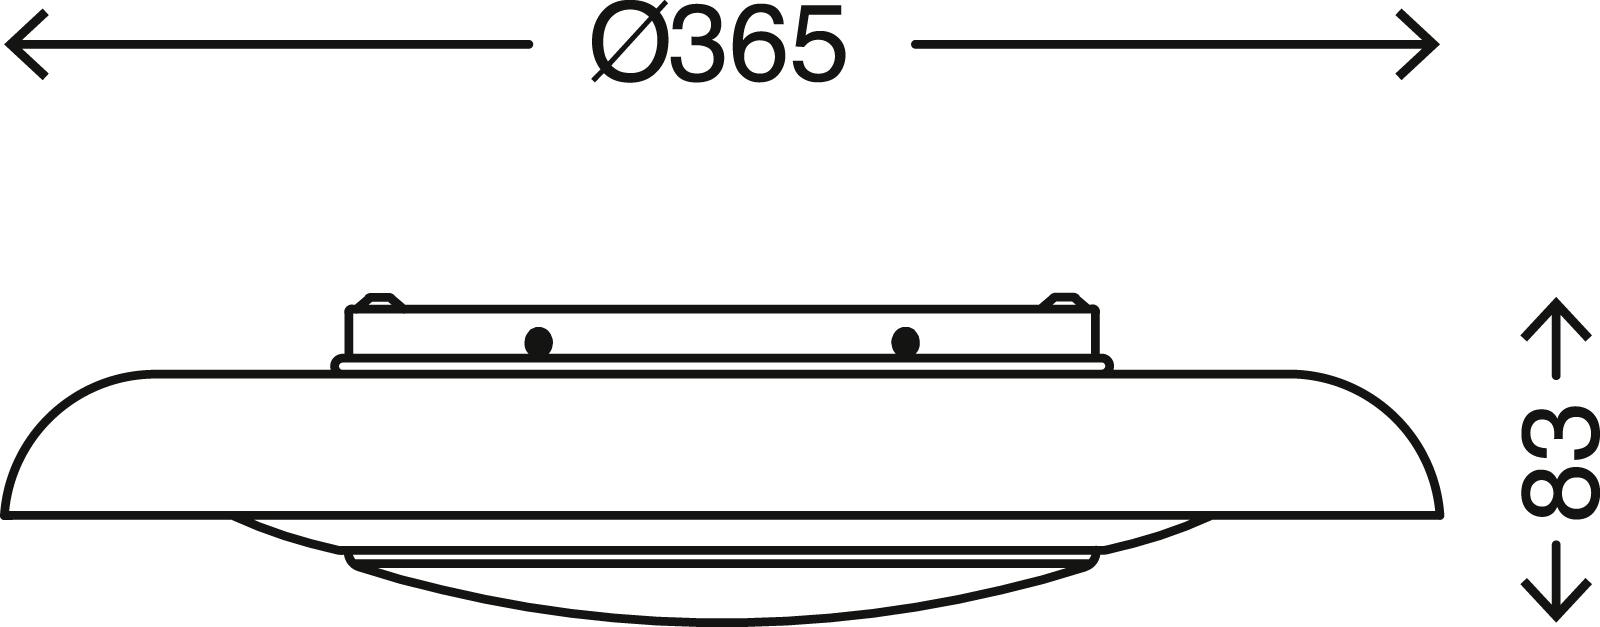 STERNENHIMMEL LED Deckenleuchte, Ø 36,5 cm, 12 W, Weiss